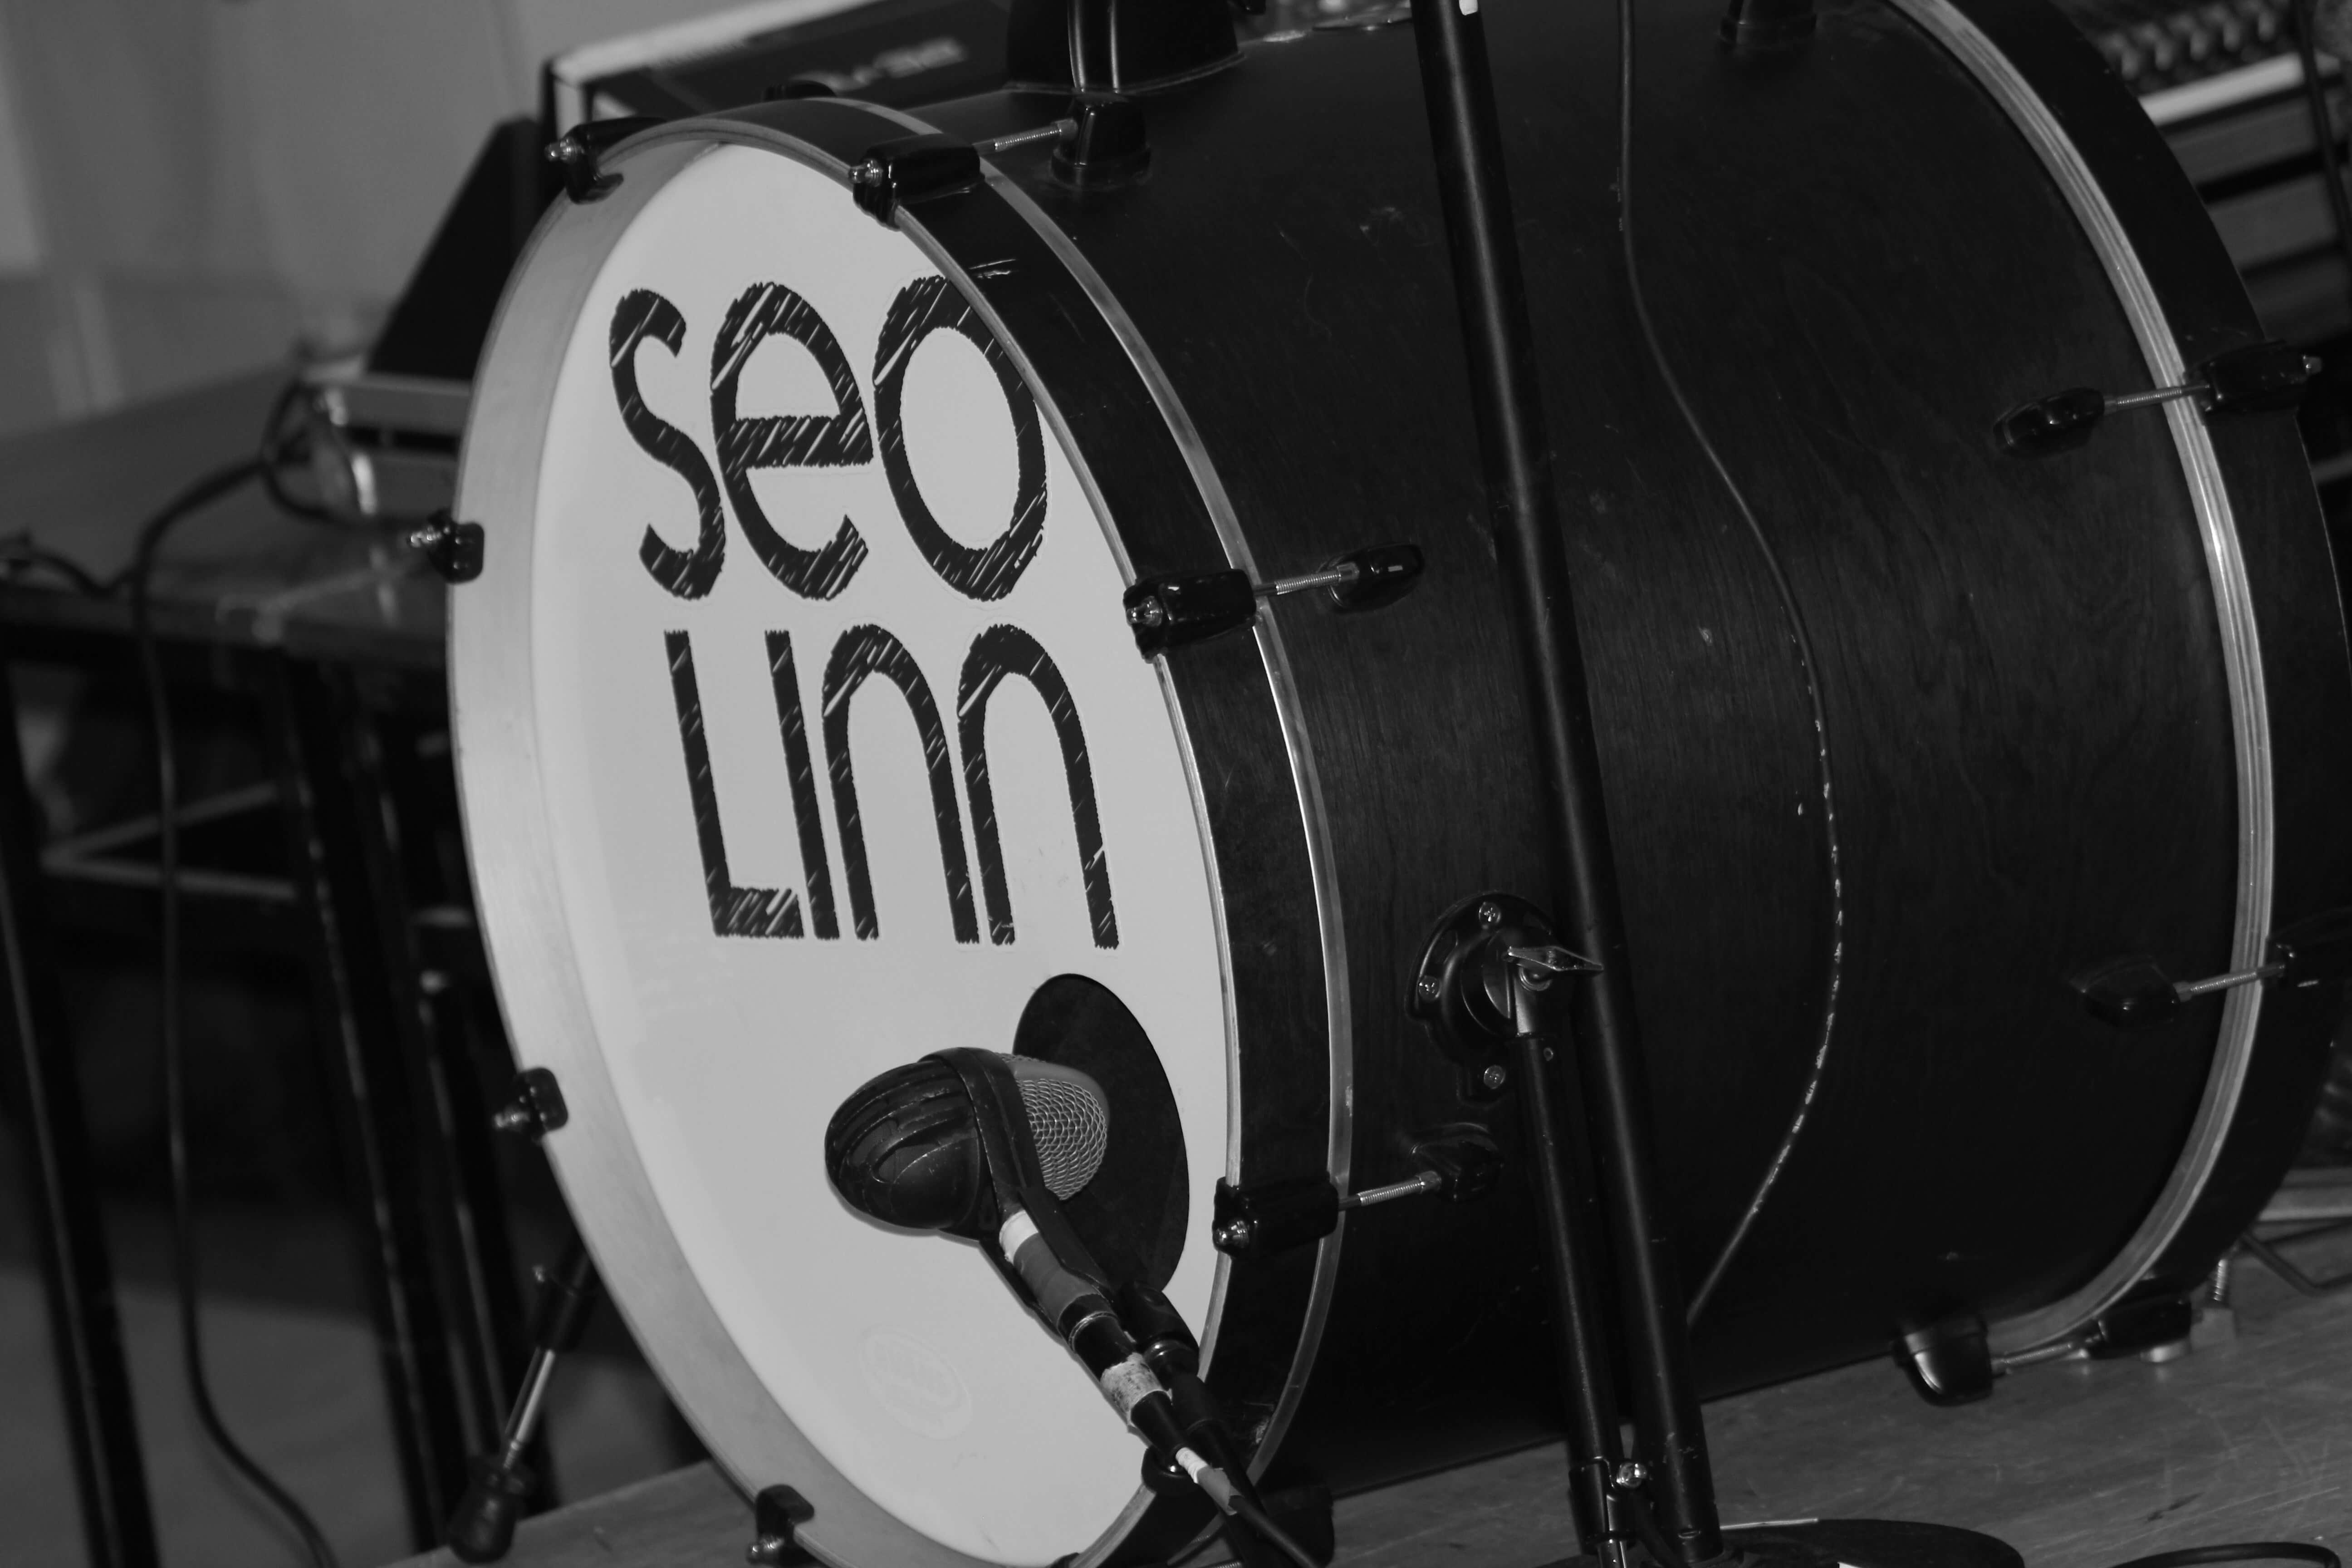 Seo Linn Concert at Coláiste Pobail Acla